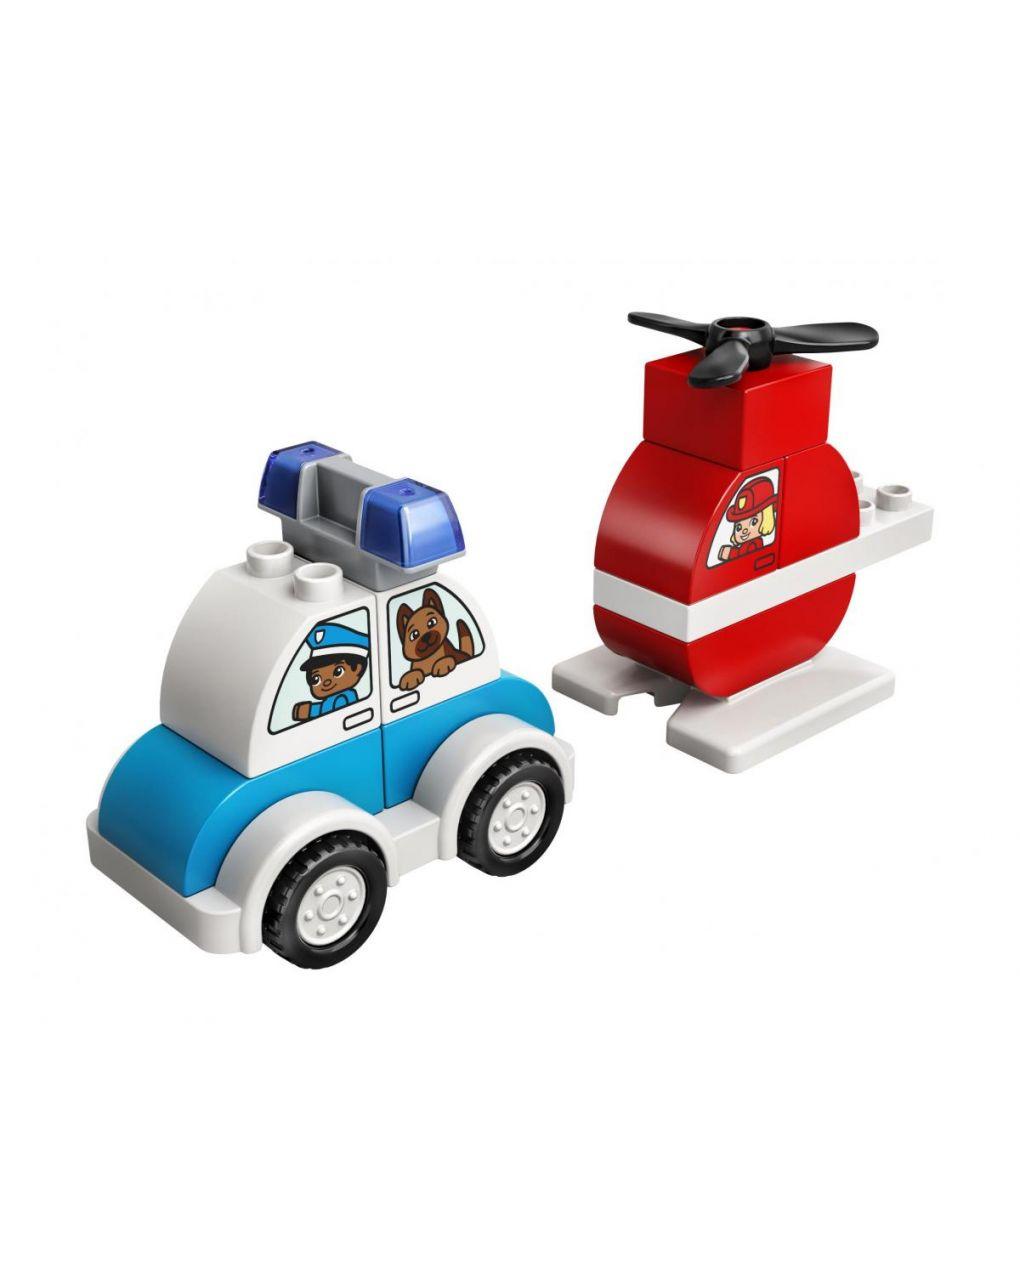 Lego duplo -  elicottero antincendio e auto della polizia - LEGO Duplo